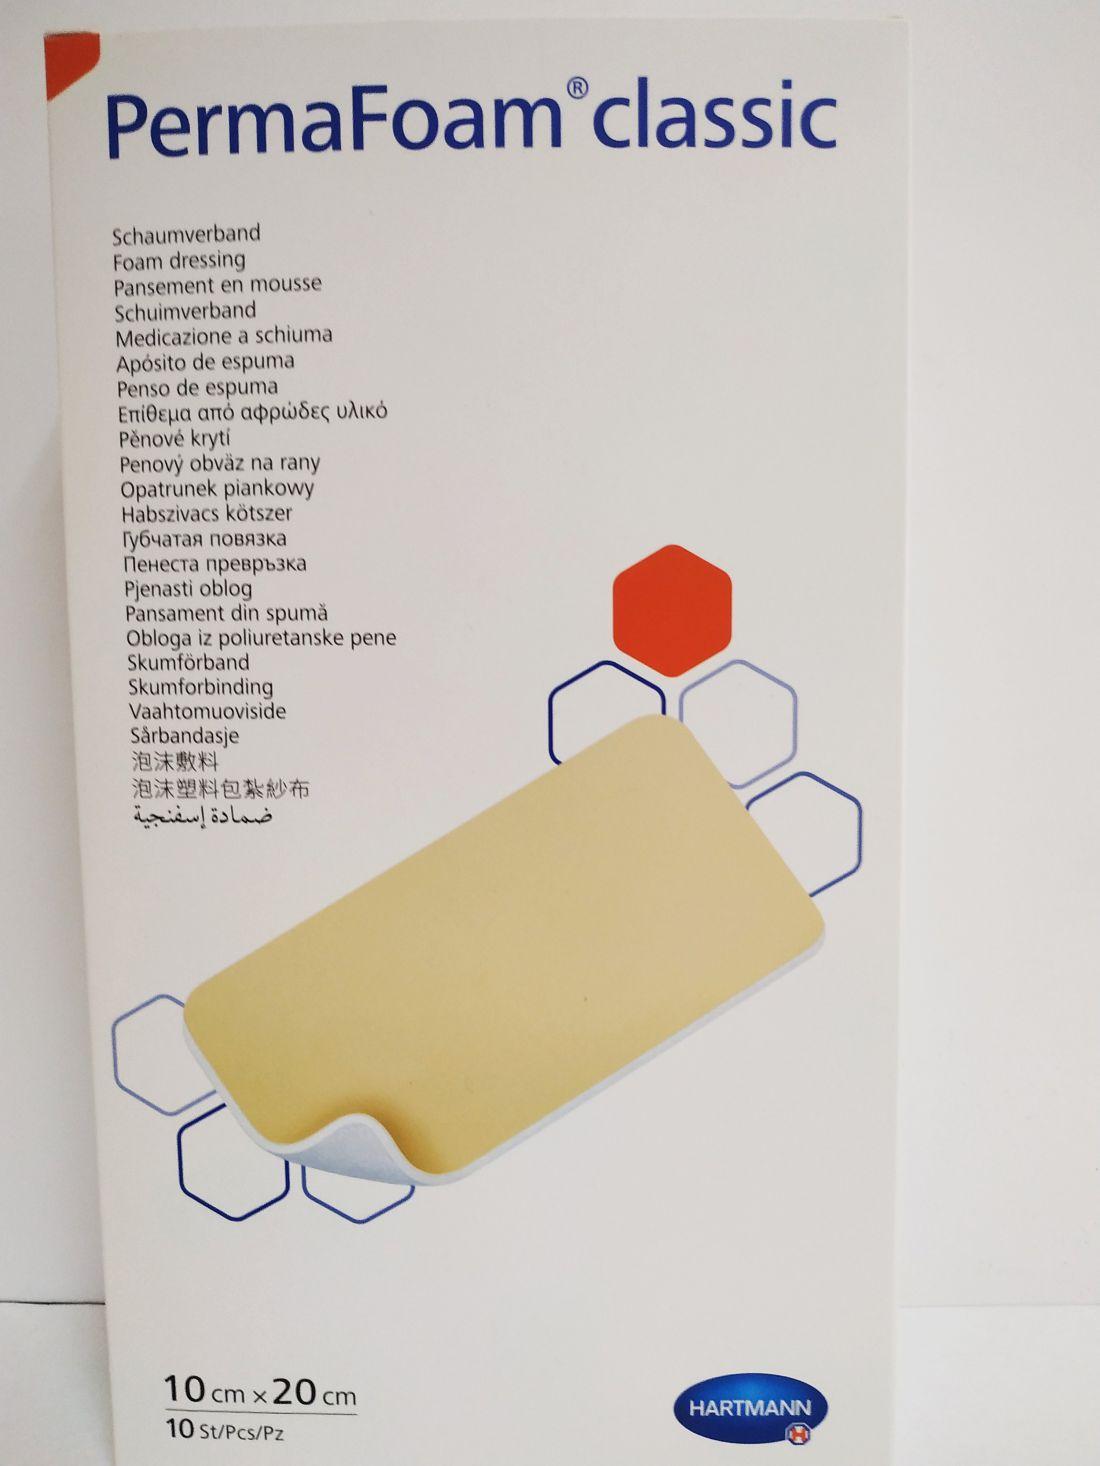 PermaFoam Classic 10 x 20 cm